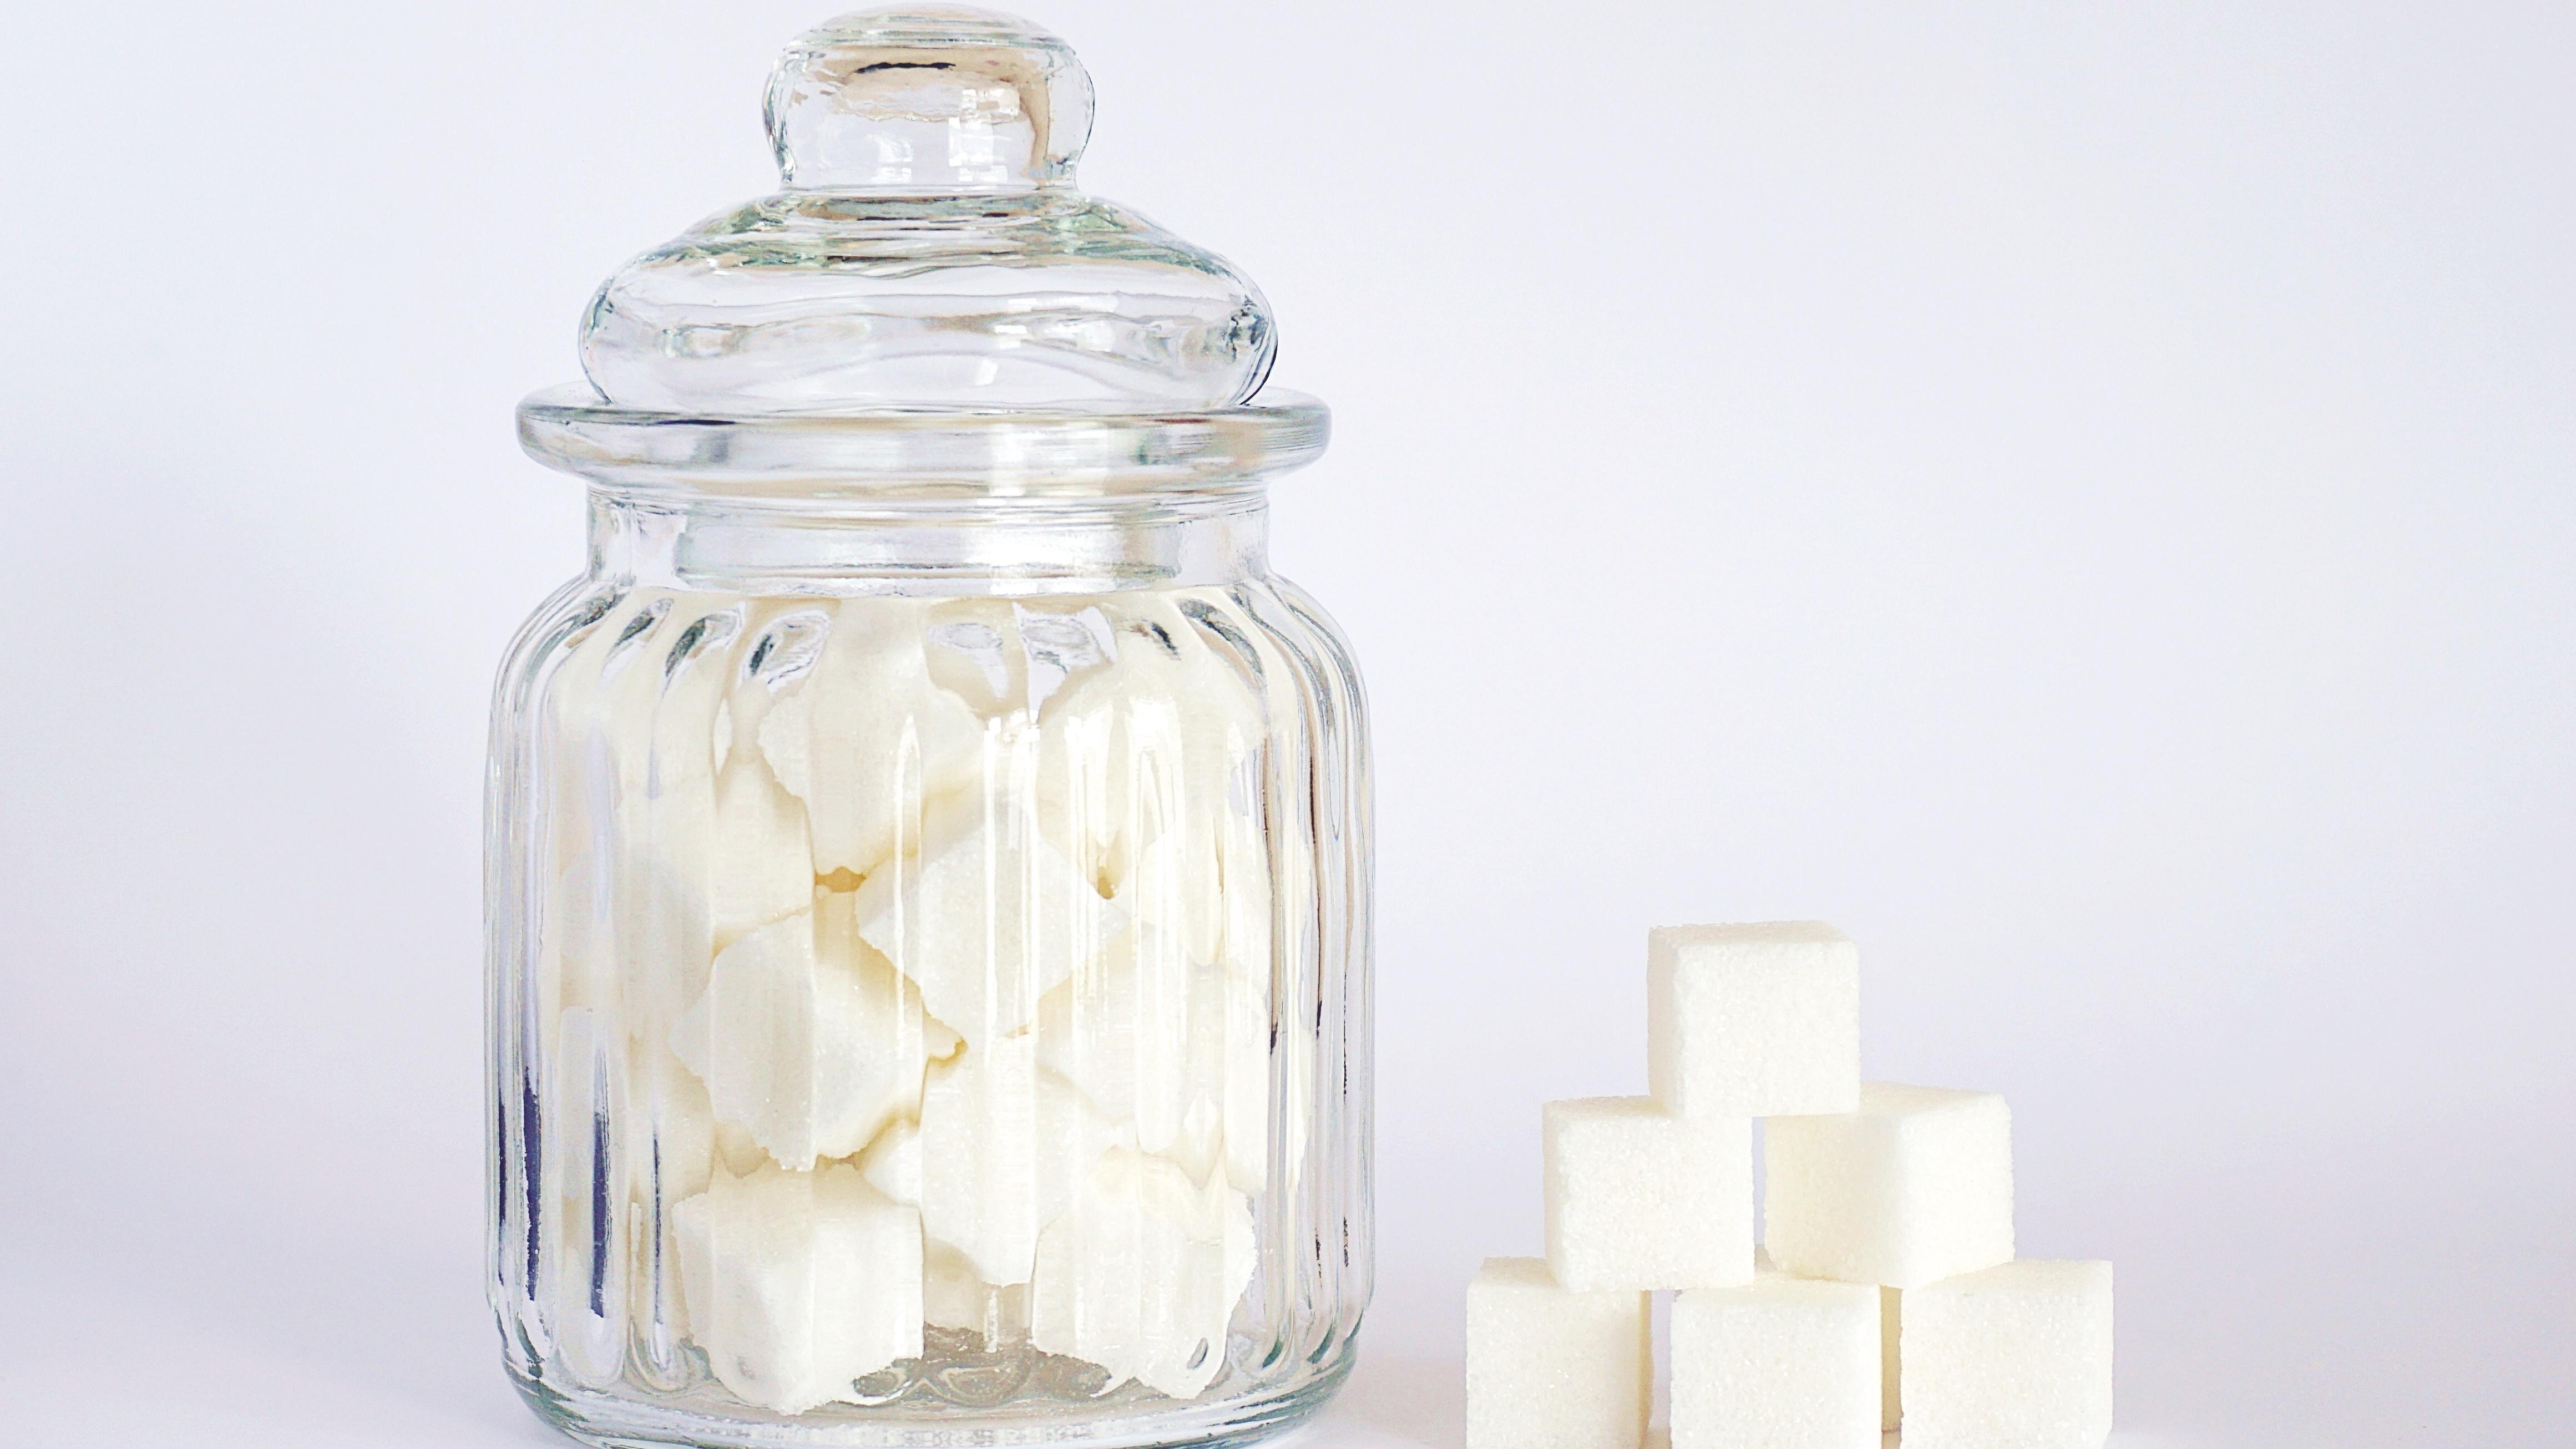 Weniger Zucker essen: Mit nur ein paar Tricks klappt es.